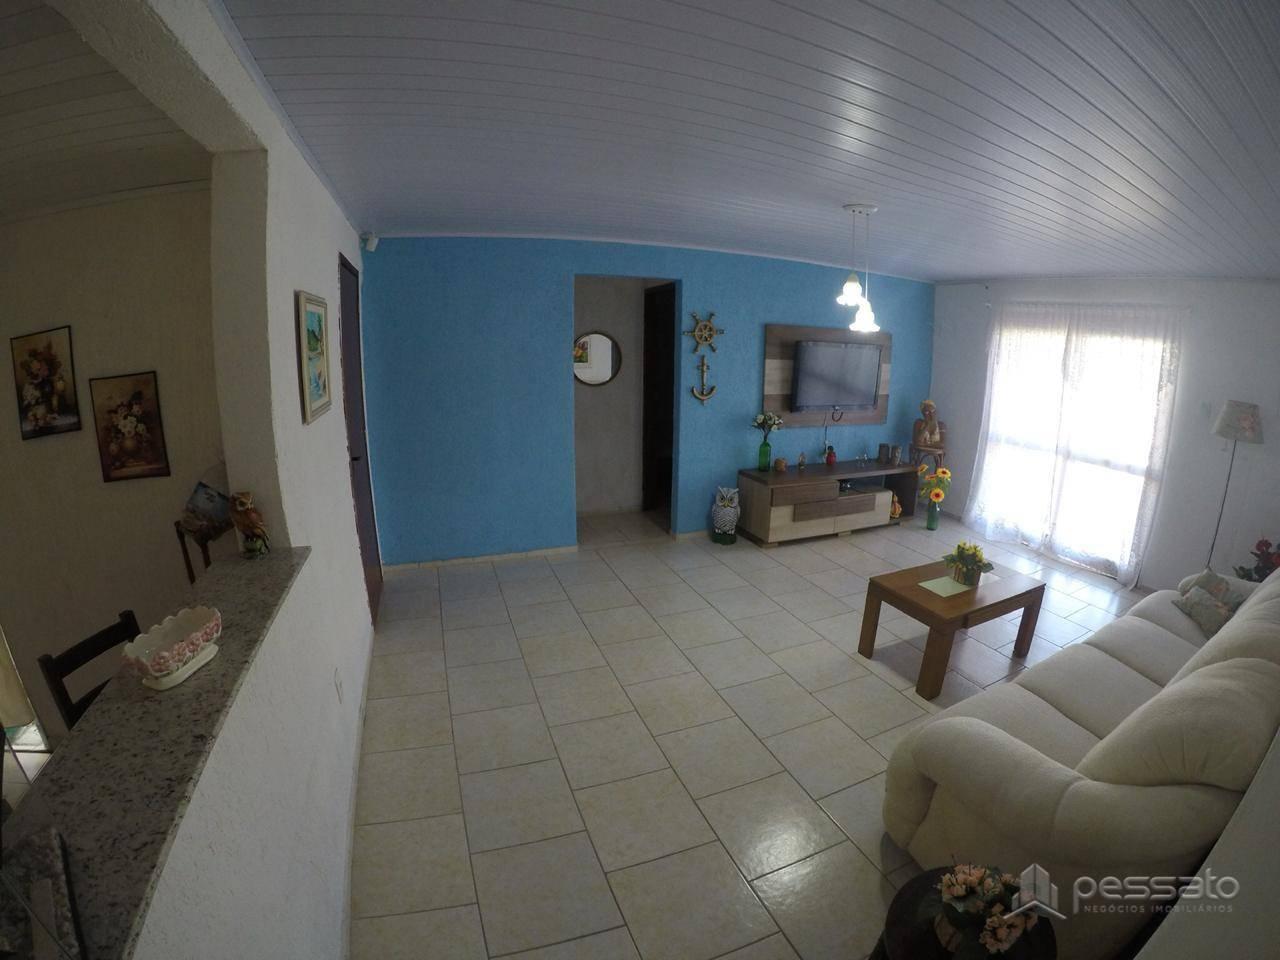 casa 2 dormitórios em Cidreira, no bairro Magistéio